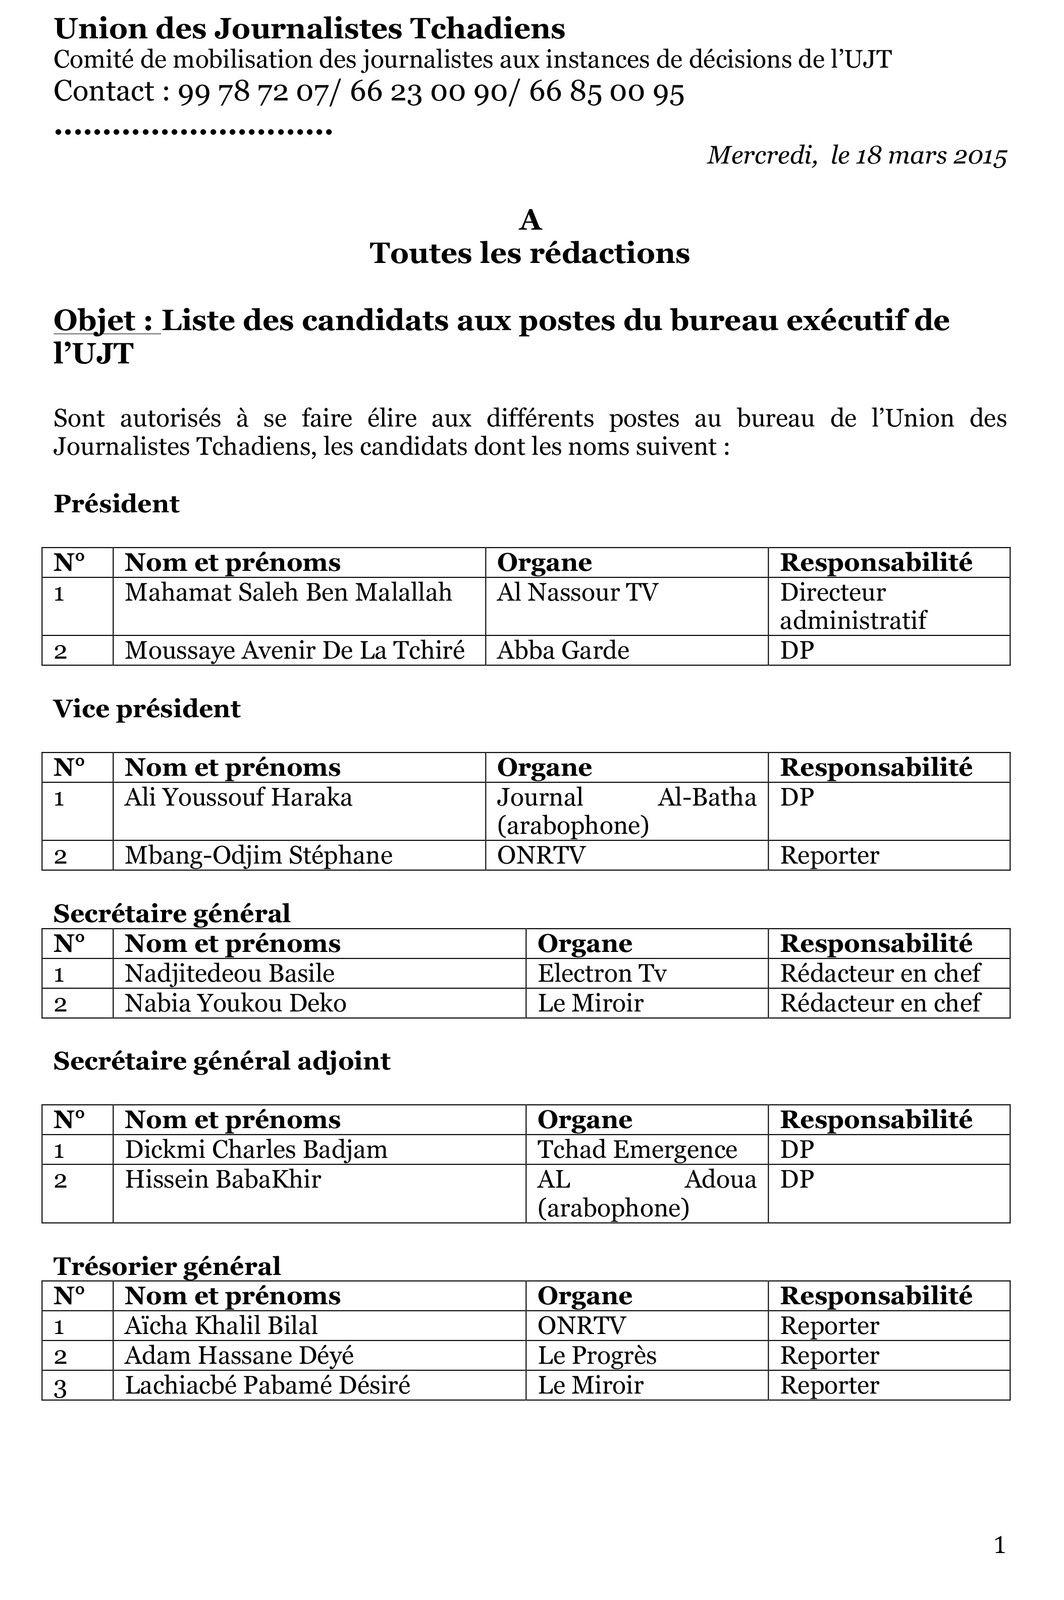 Liste des candidats aux postes du bureau exécutif de l'UJT